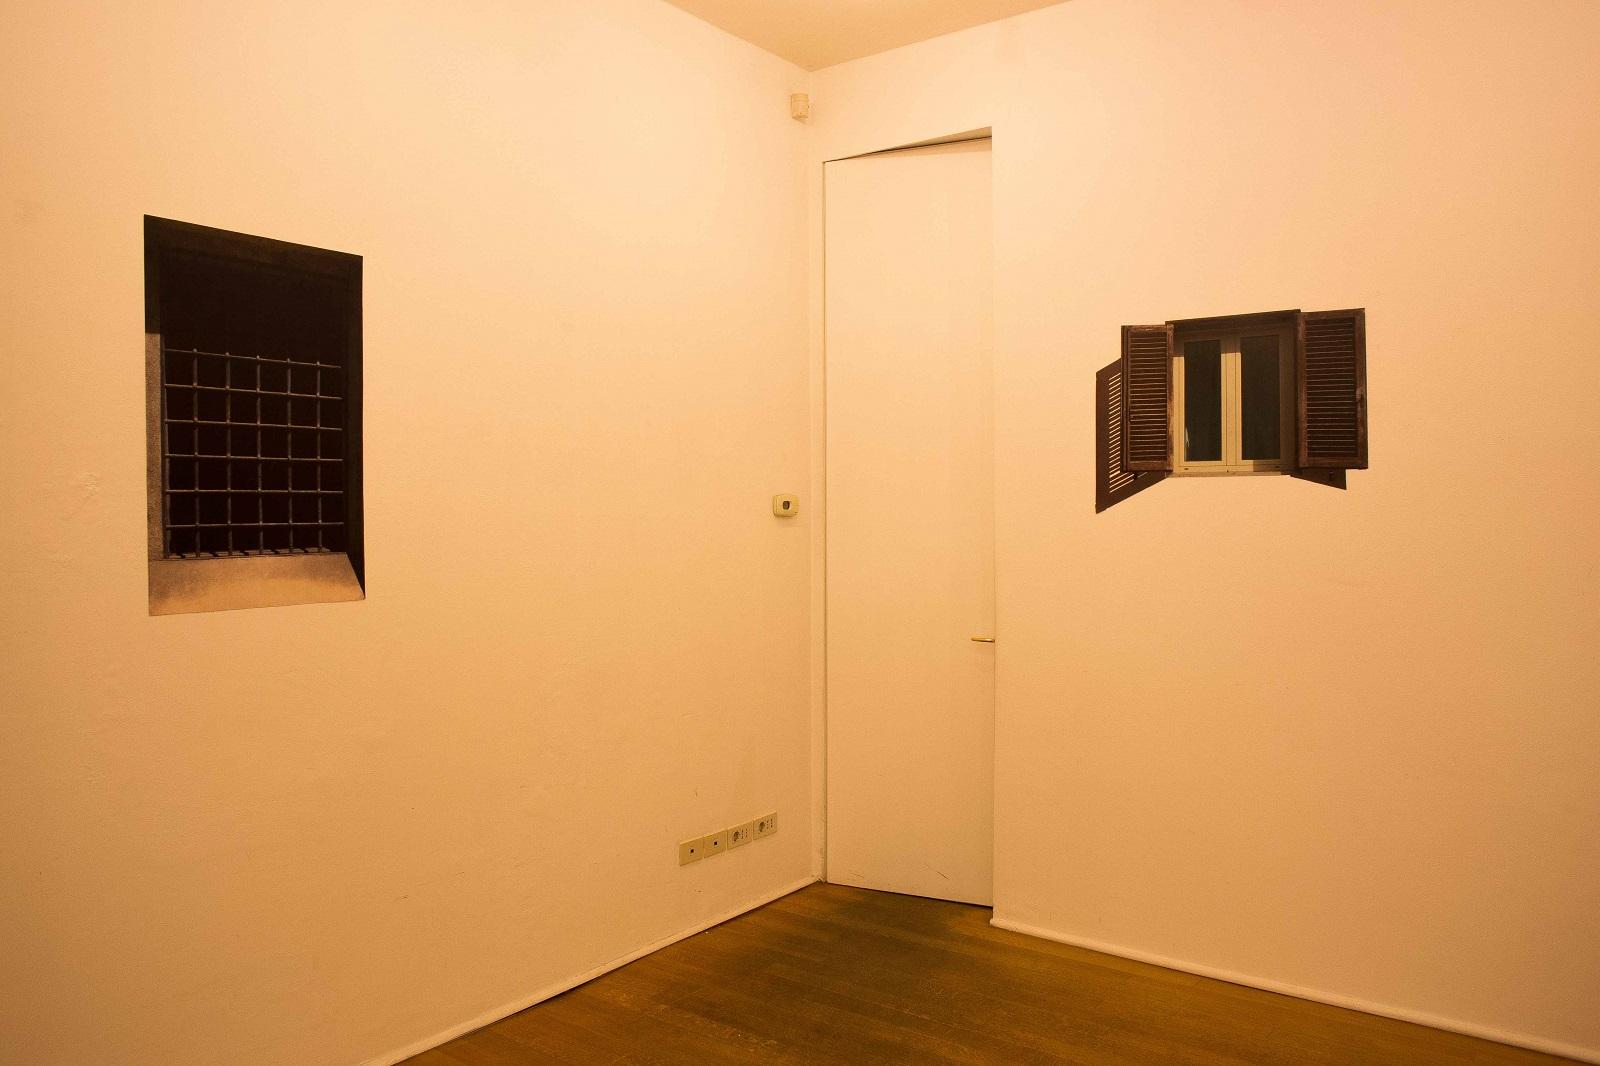 sbagliato-at-galleria-toselli-recap-04